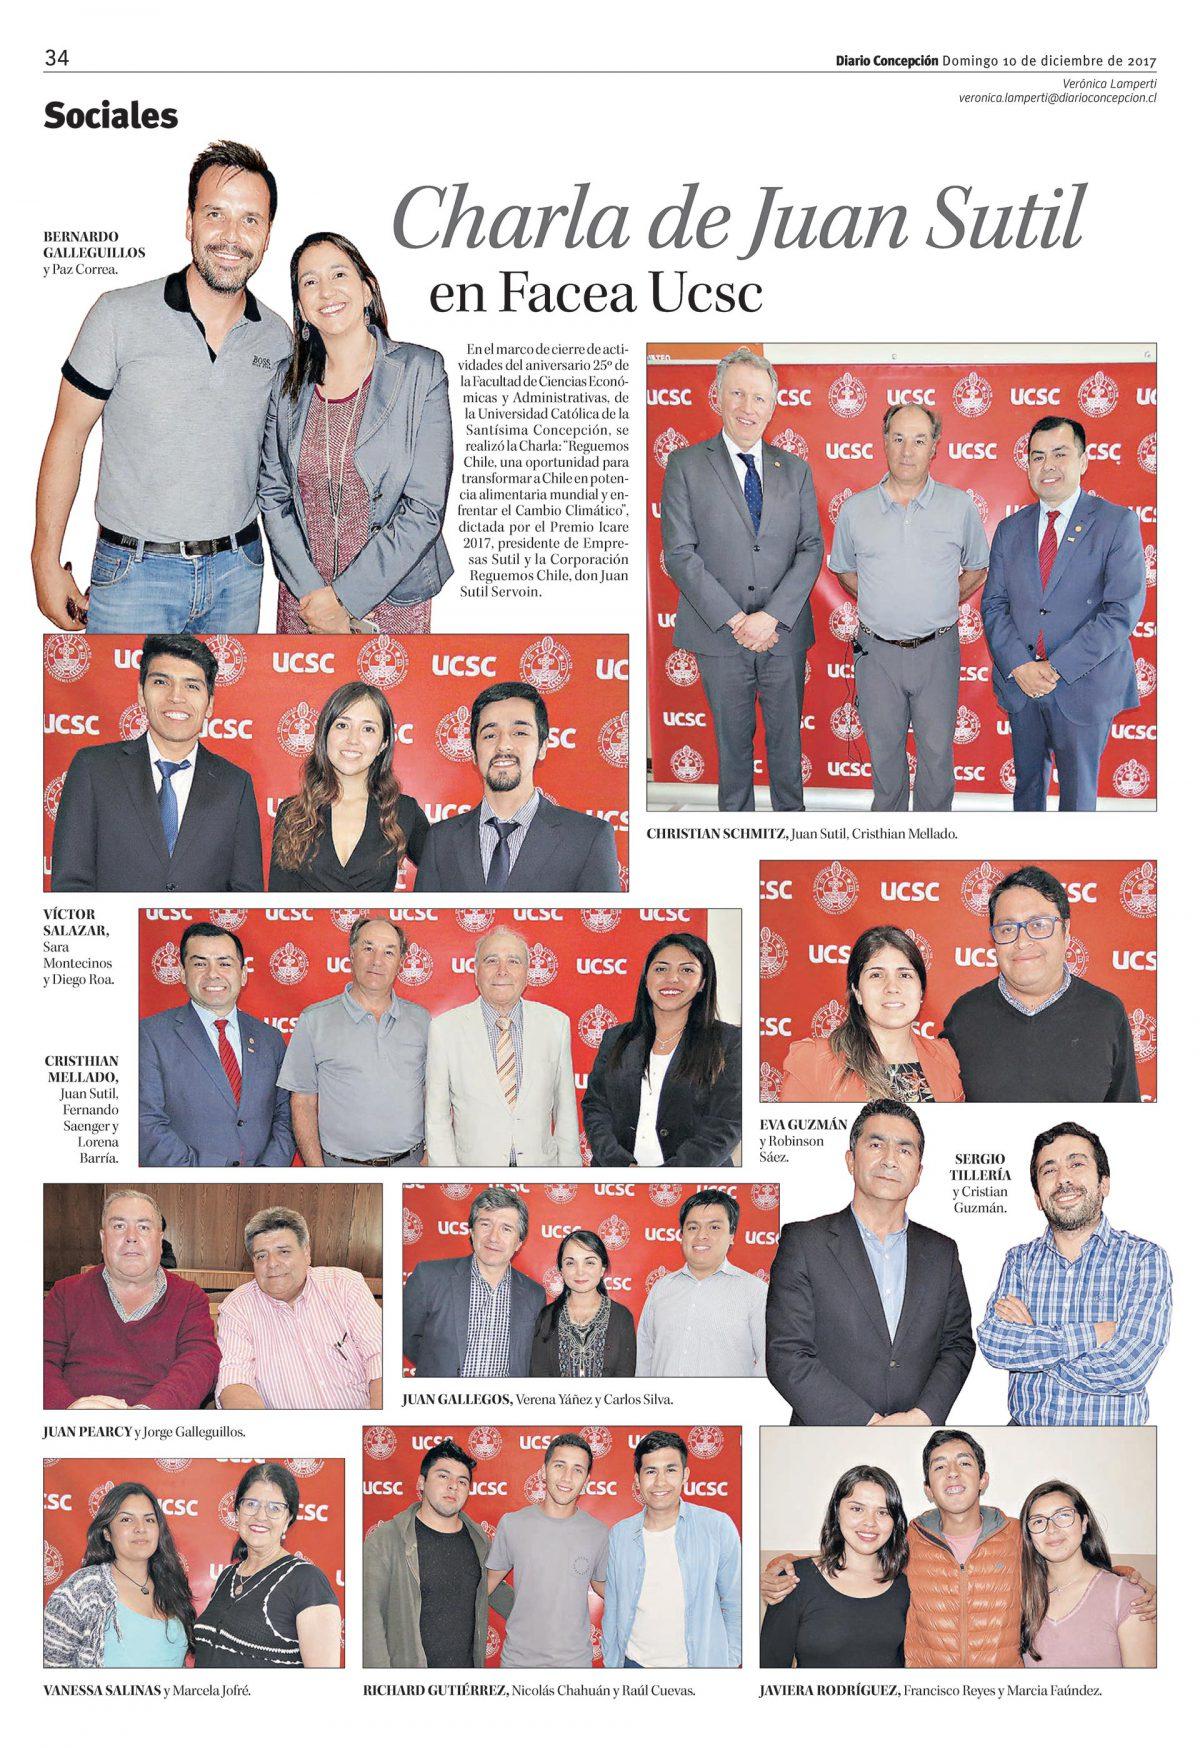 Charla de Juan Sutil en Facea Ucsc